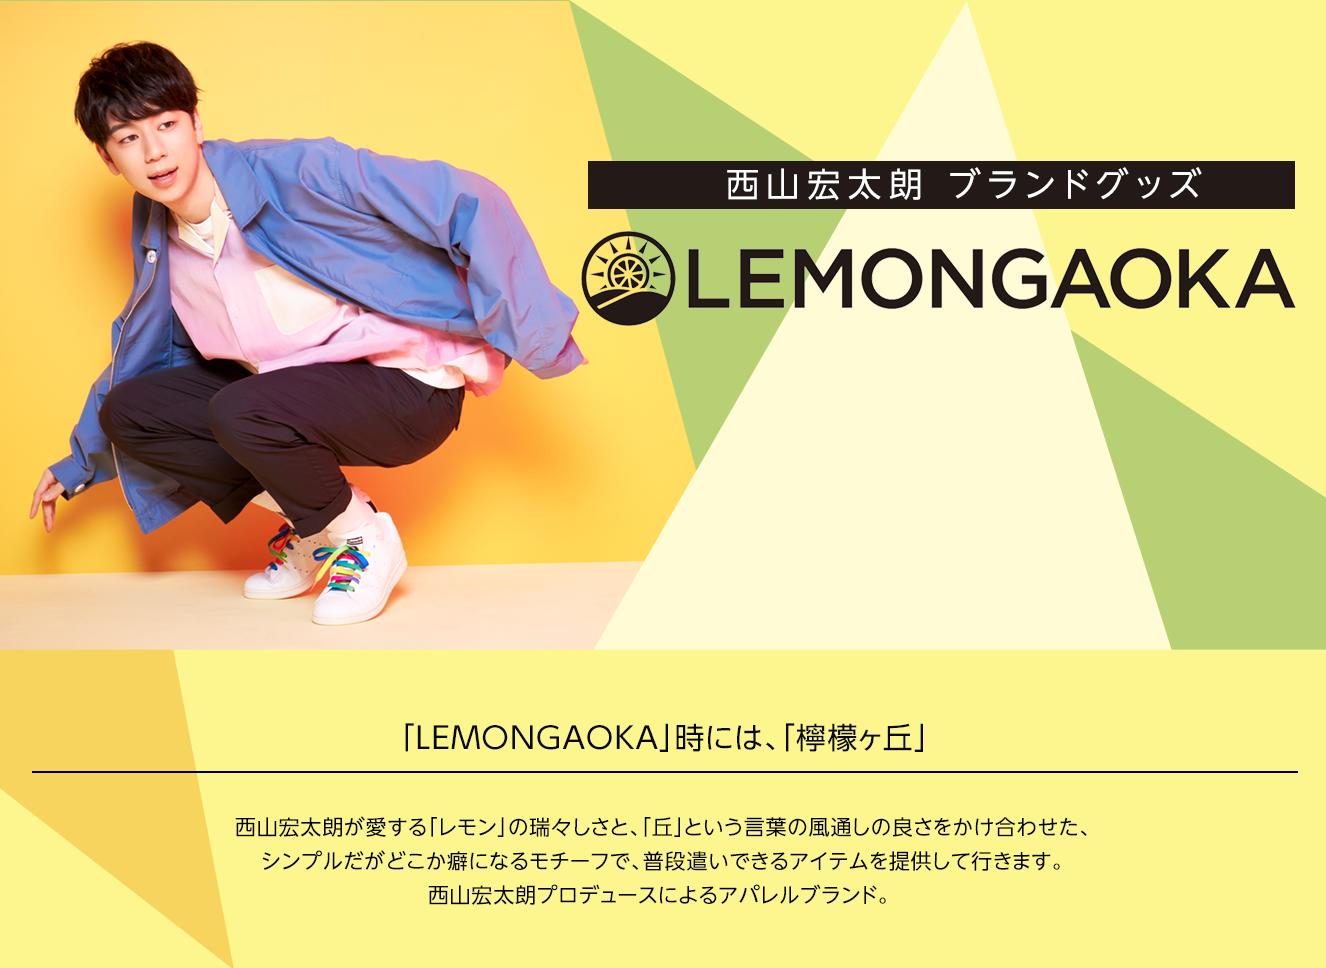 西山宏太朗さんプロデュースのアパレルブランド「LEMONGAOKA」始動!キャップ・パーカー・クリアポーチが登場